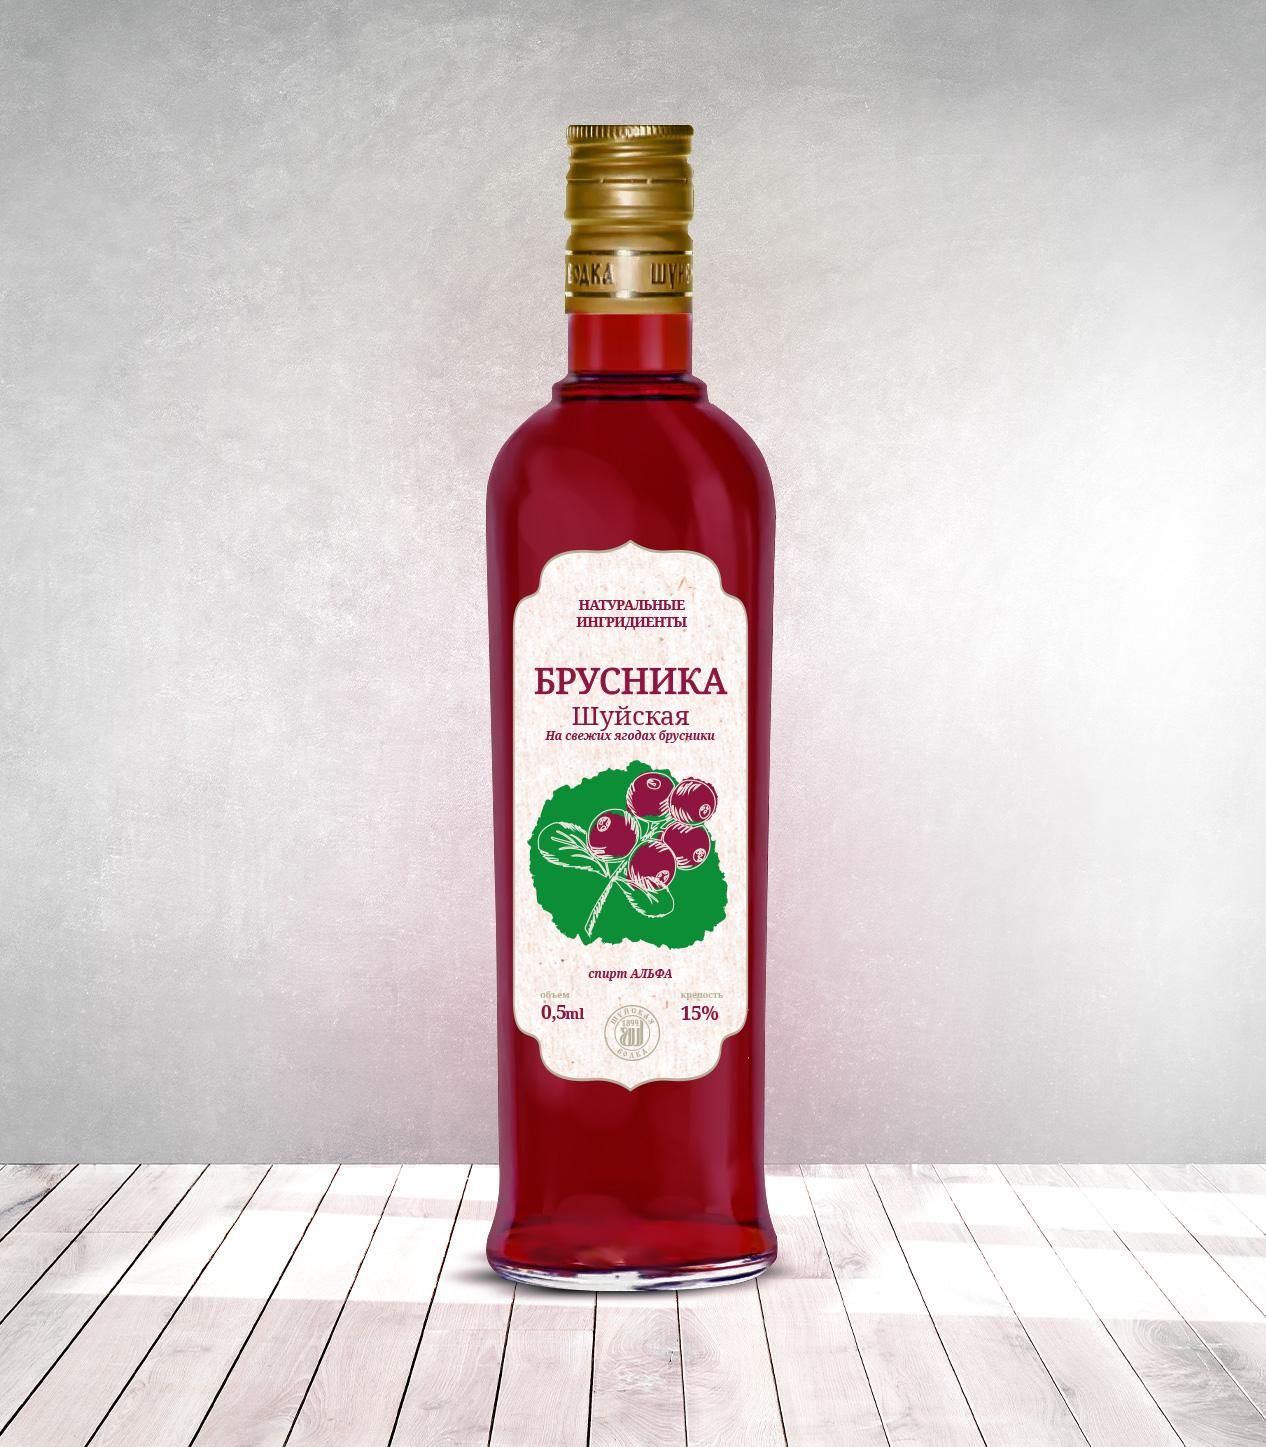 Дизайн этикетки алкогольного продукта (сладкая настойка) фото f_0645f8830493fe75.jpg